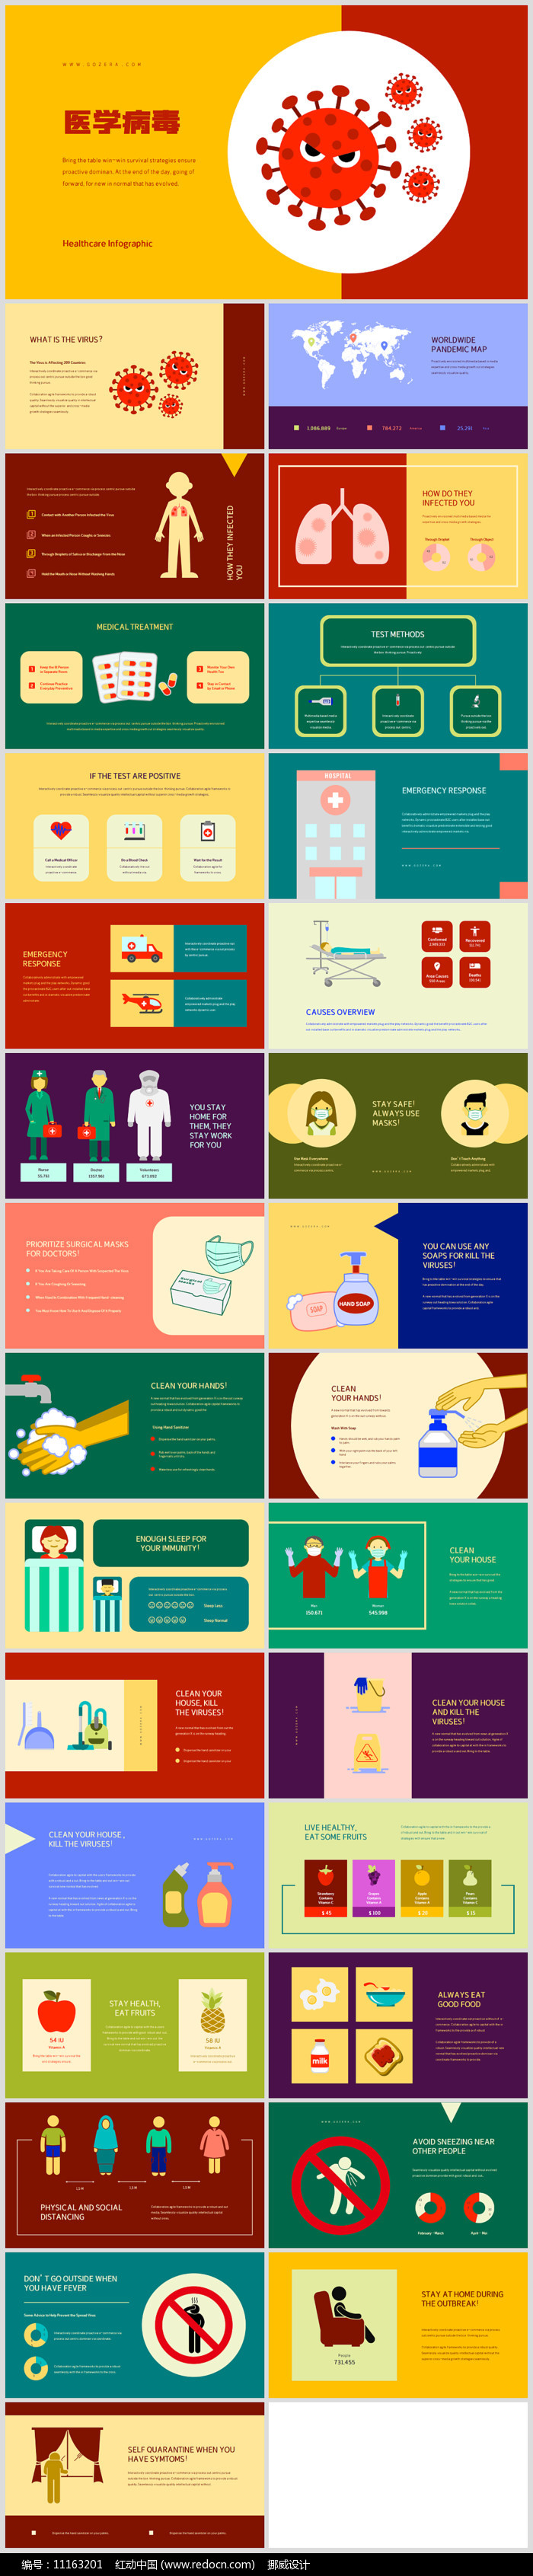 病毒感染预防知识公民健康卫生PPT模板图片